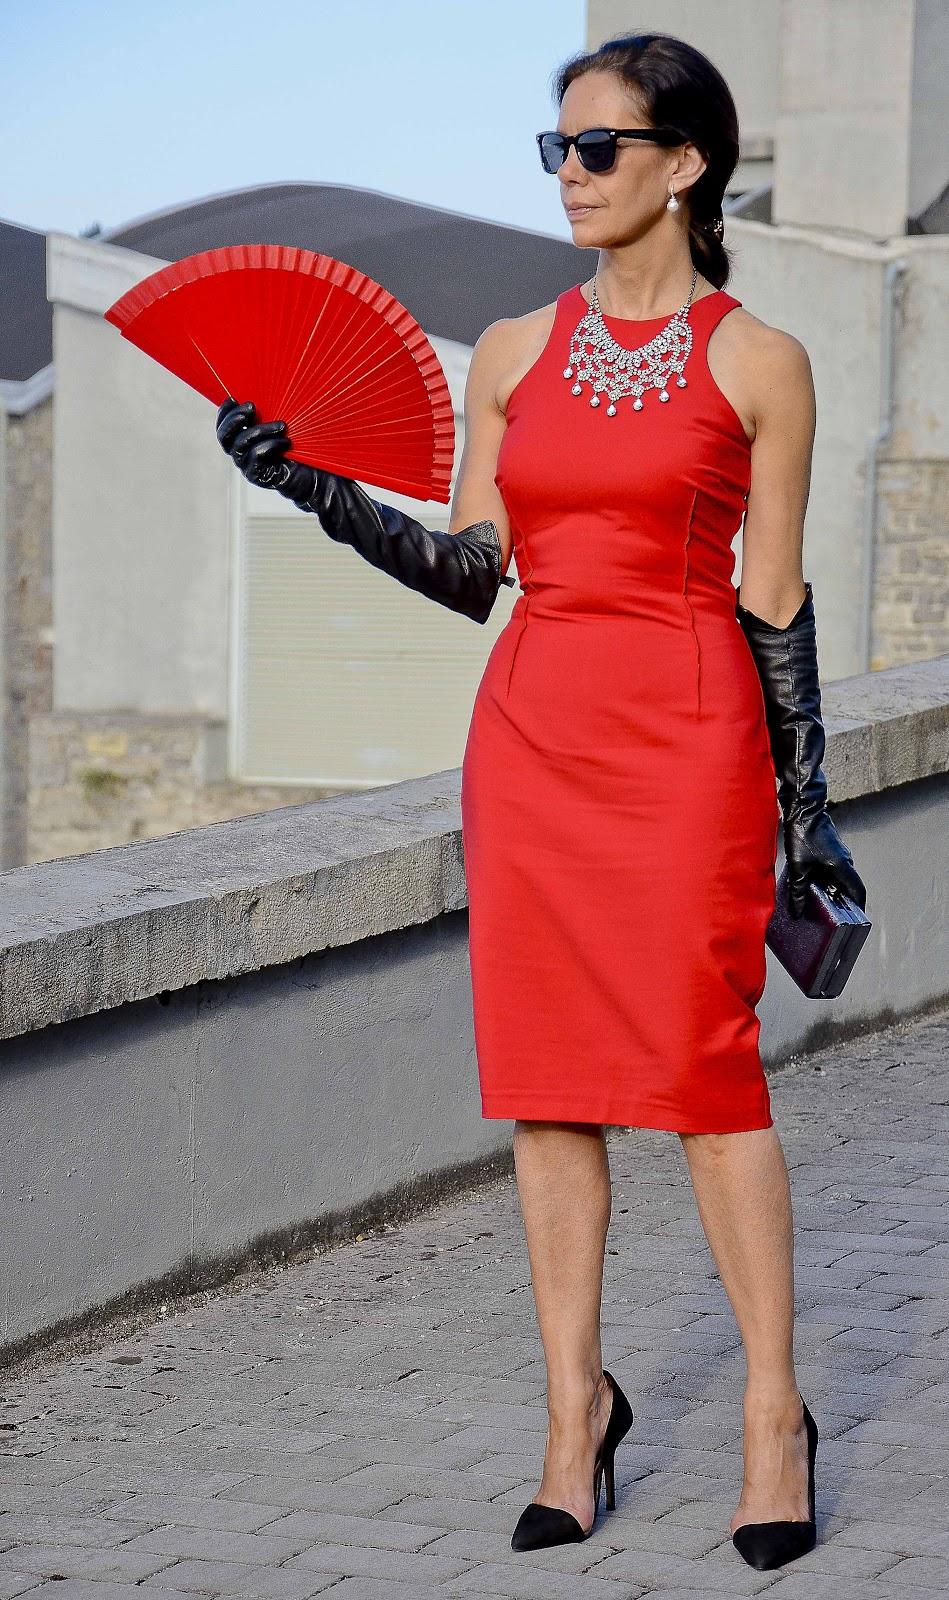 Historia de la mujer del vestido rojo